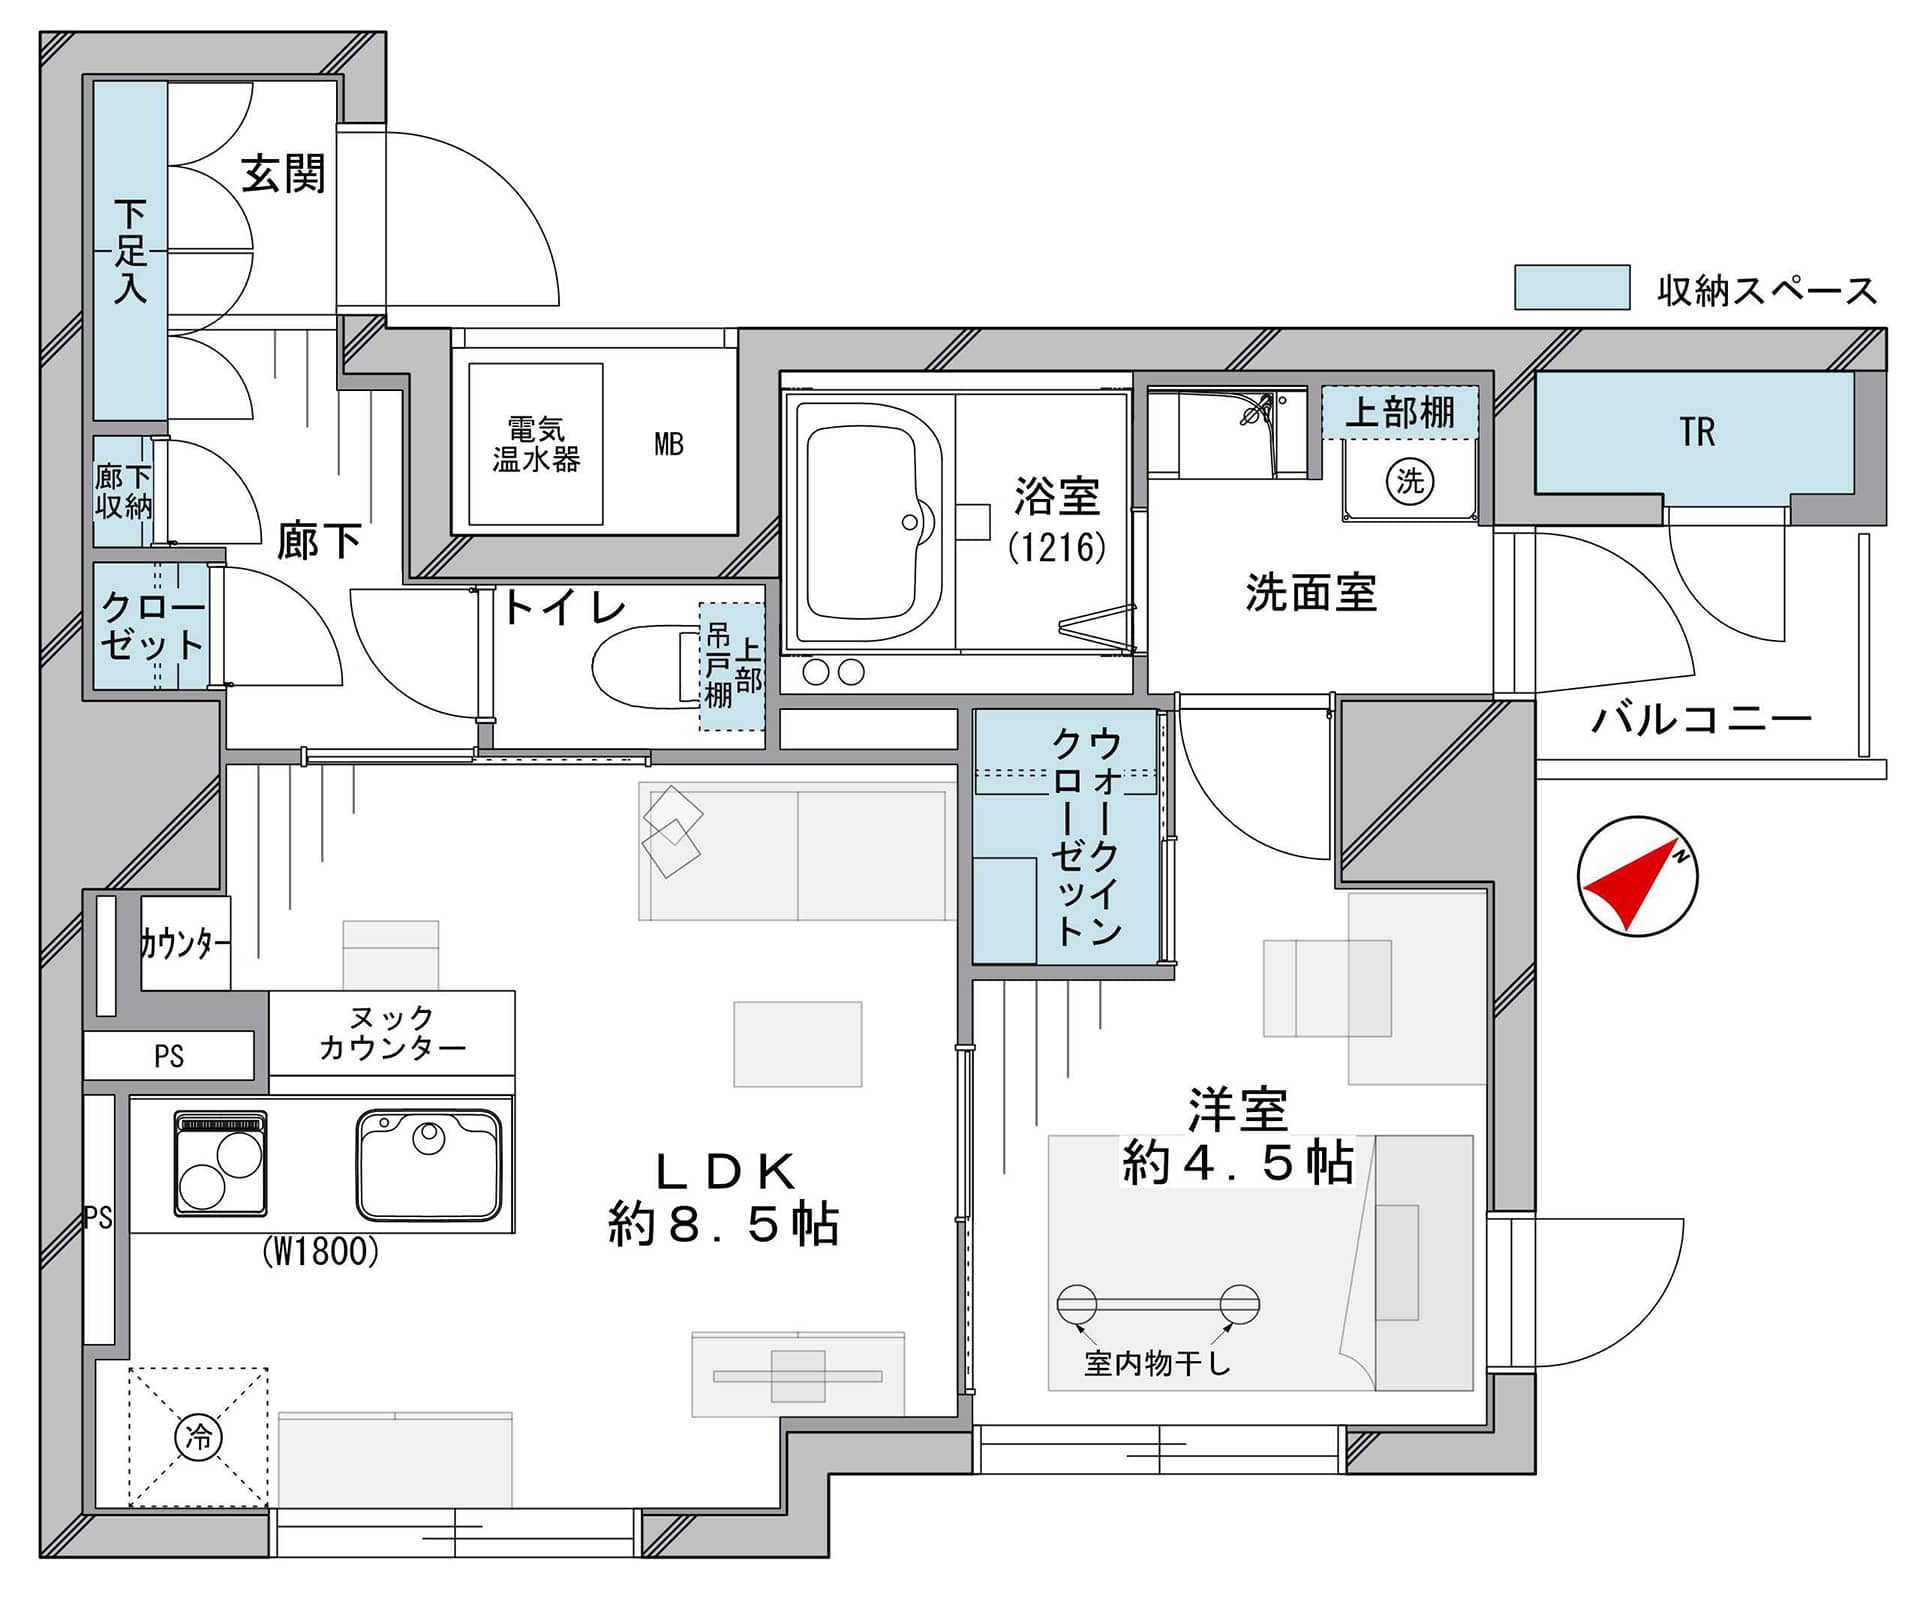 茅場町 どこへ行くにも便利「東京」駅が徒歩圏内 間取り図